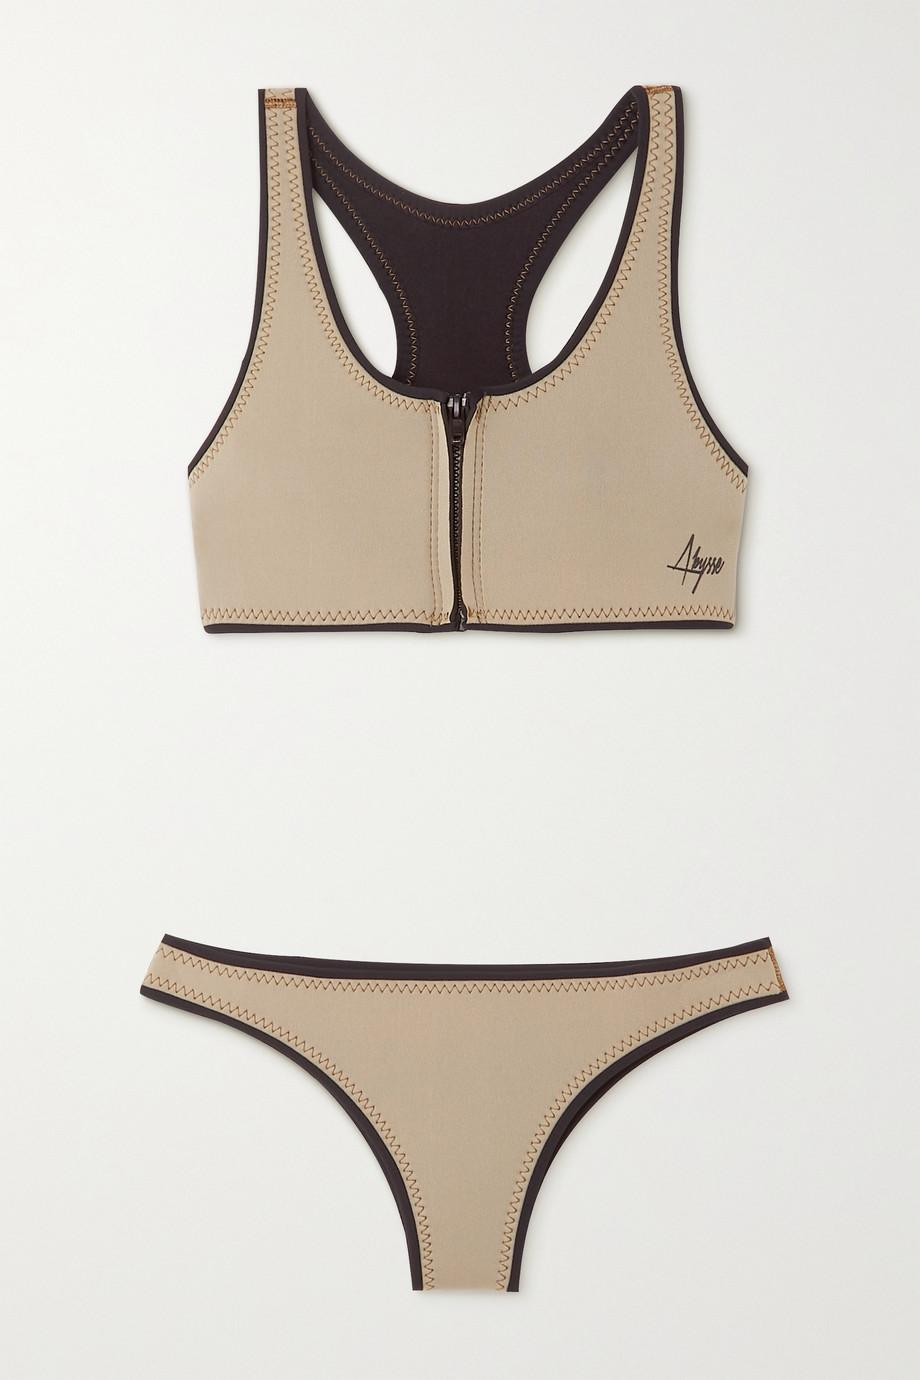 Abysse Jenna neoprene bikini